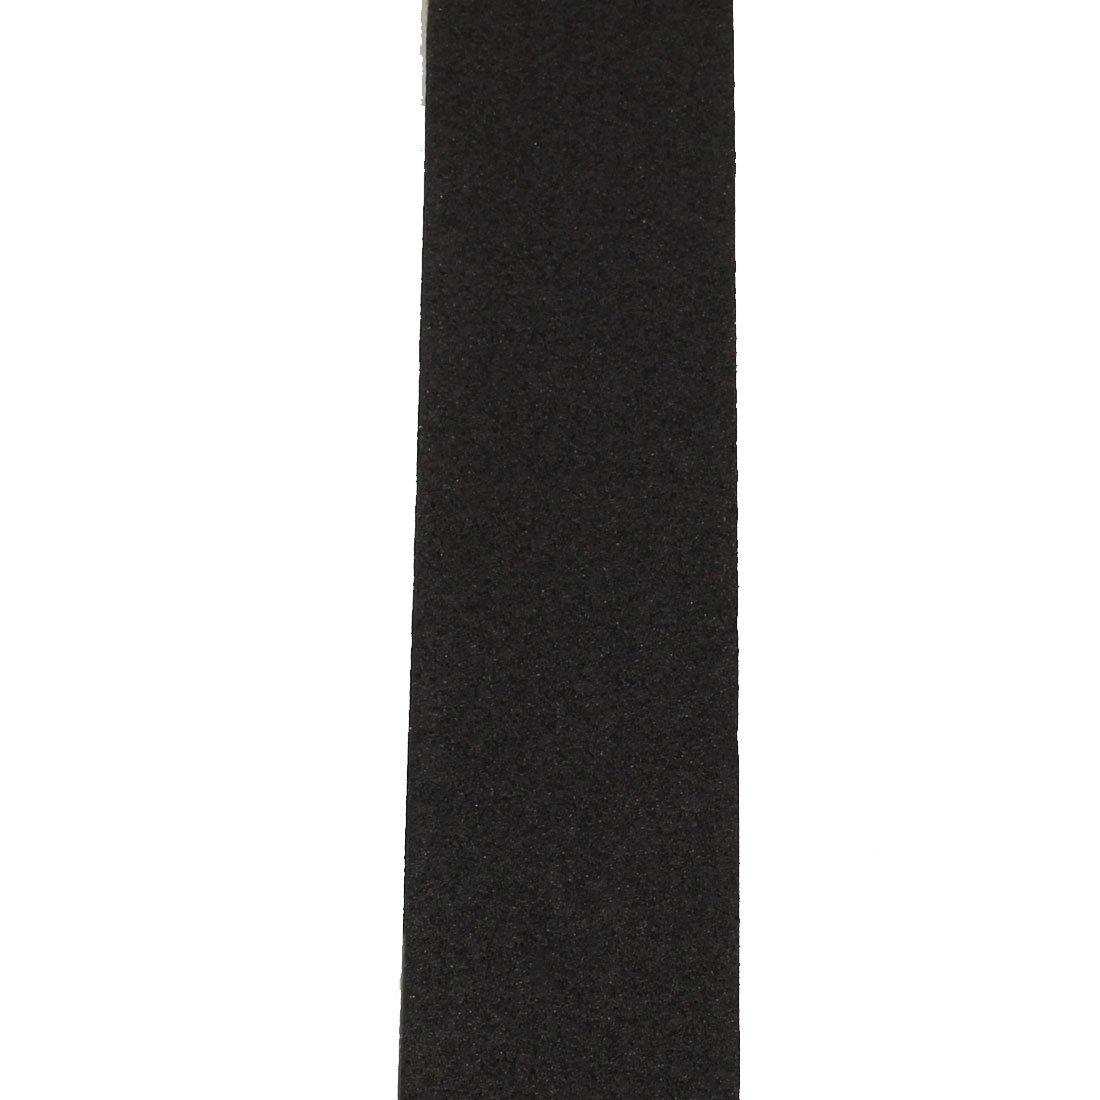 5M 25mm x 2mm seul côté antichoc ruban mousse adhésif éponge Jaune Noir